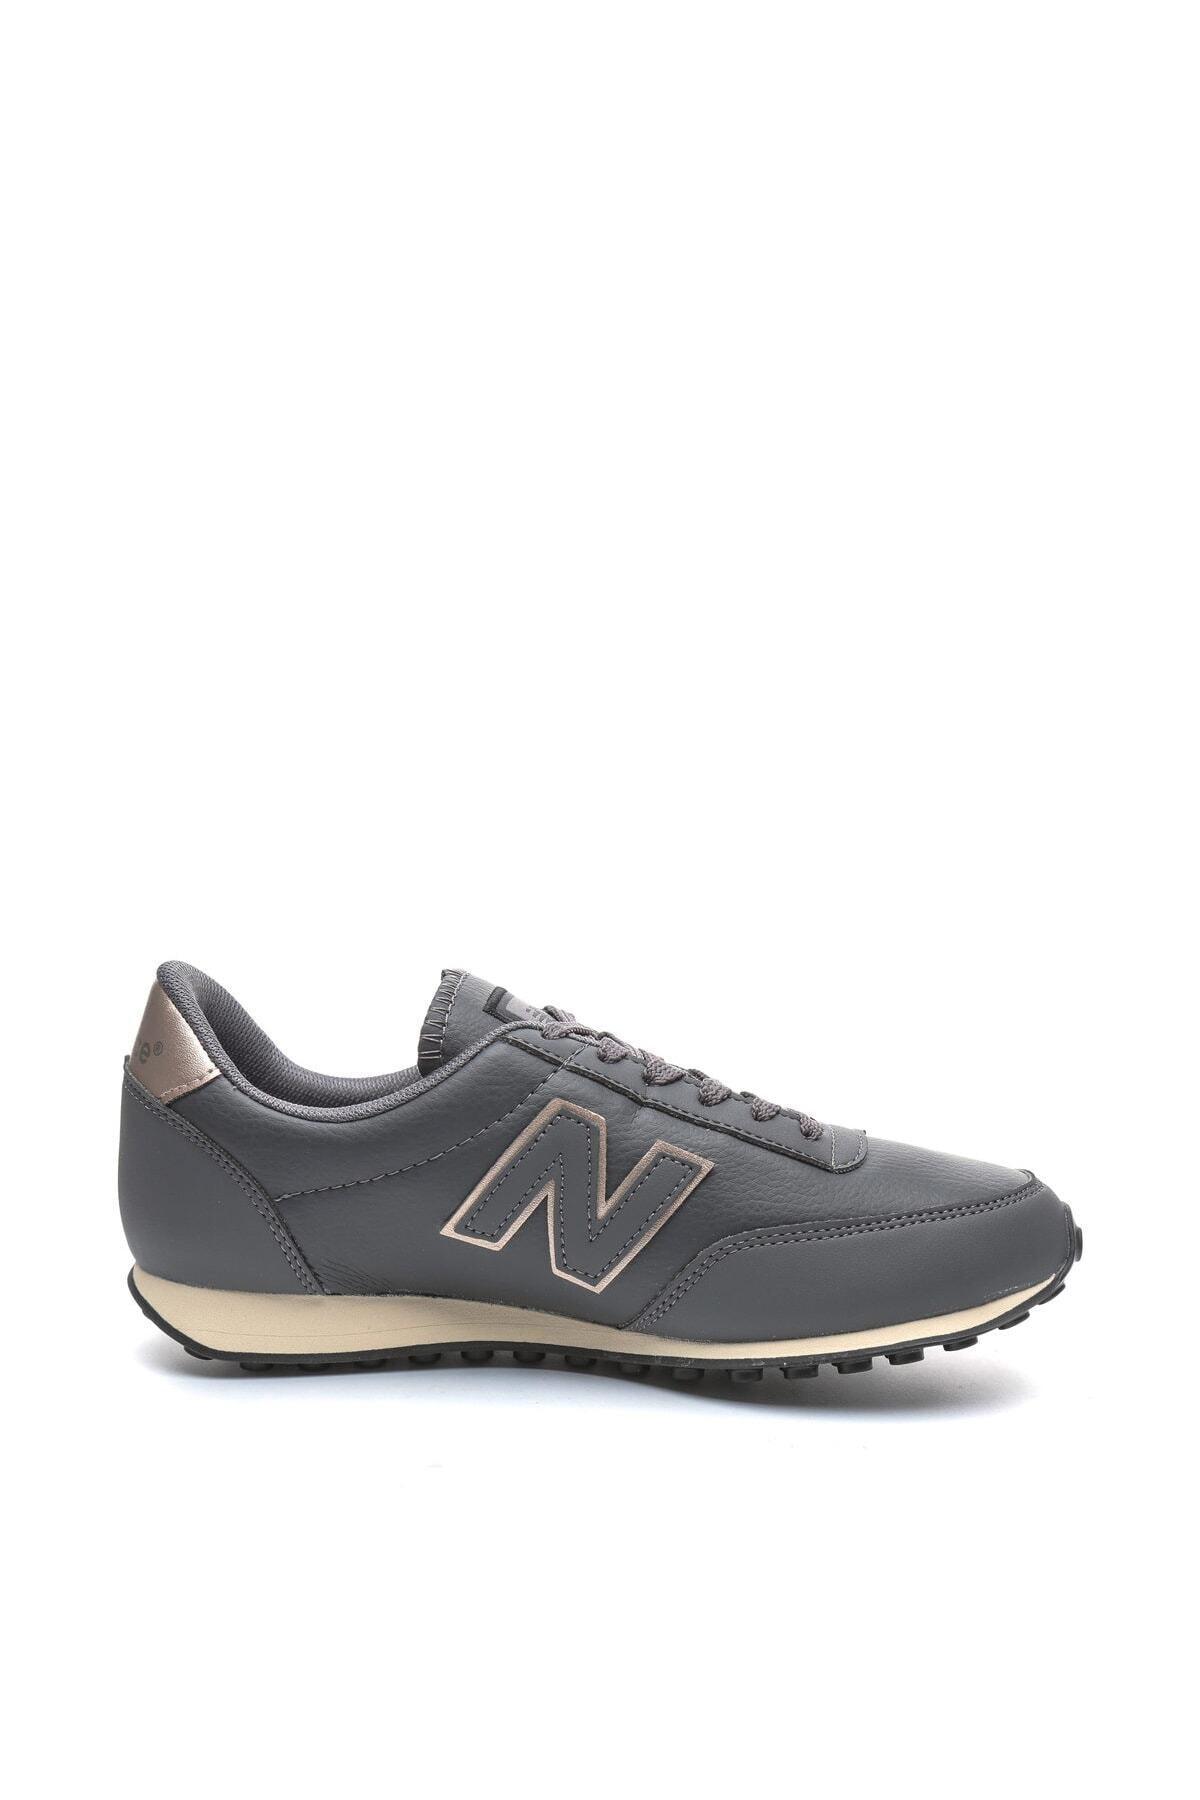 New Balance Lifestyle Kadın Günlük Ayakkabı U410tws 1